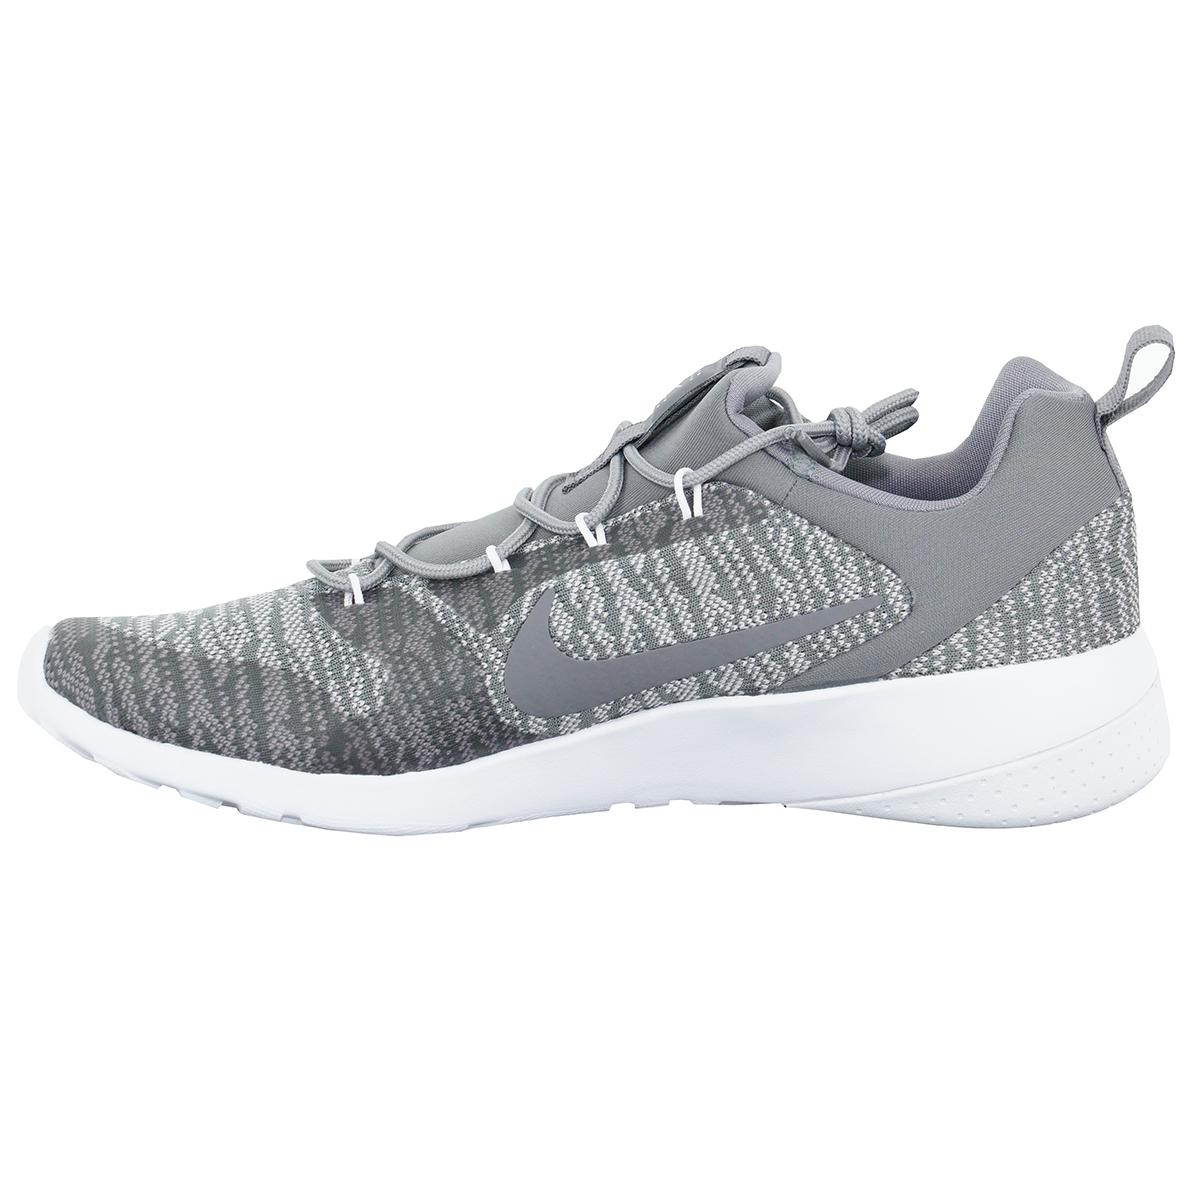 Nike-Men-039-s-CK-Racer-Shoes thumbnail 7